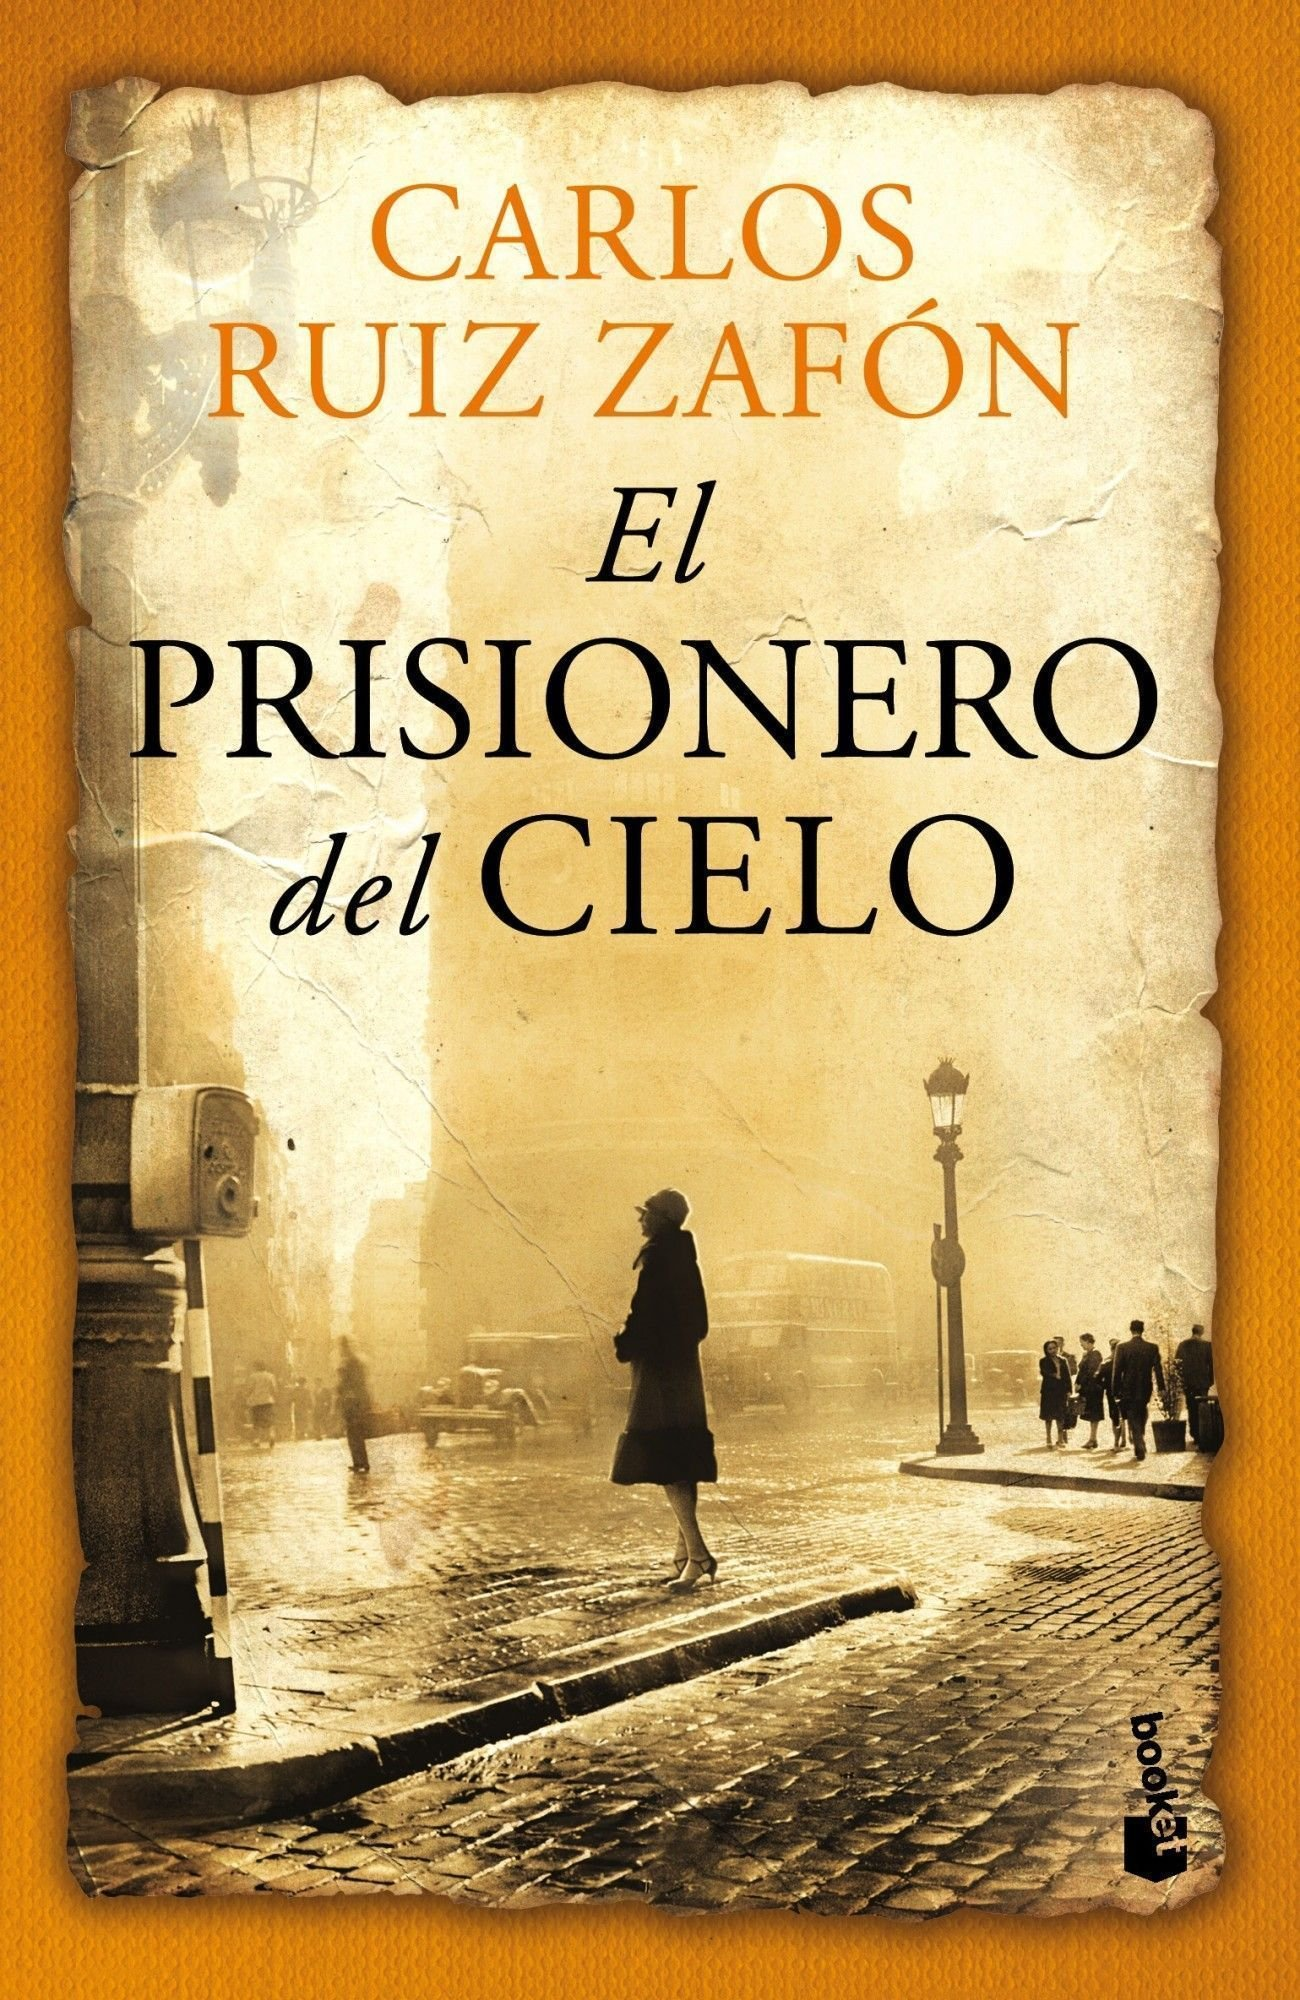 El prisionero del cielo: Amazon.co.uk: Ruiz Zafón Carlos: 9788408112303:  Books